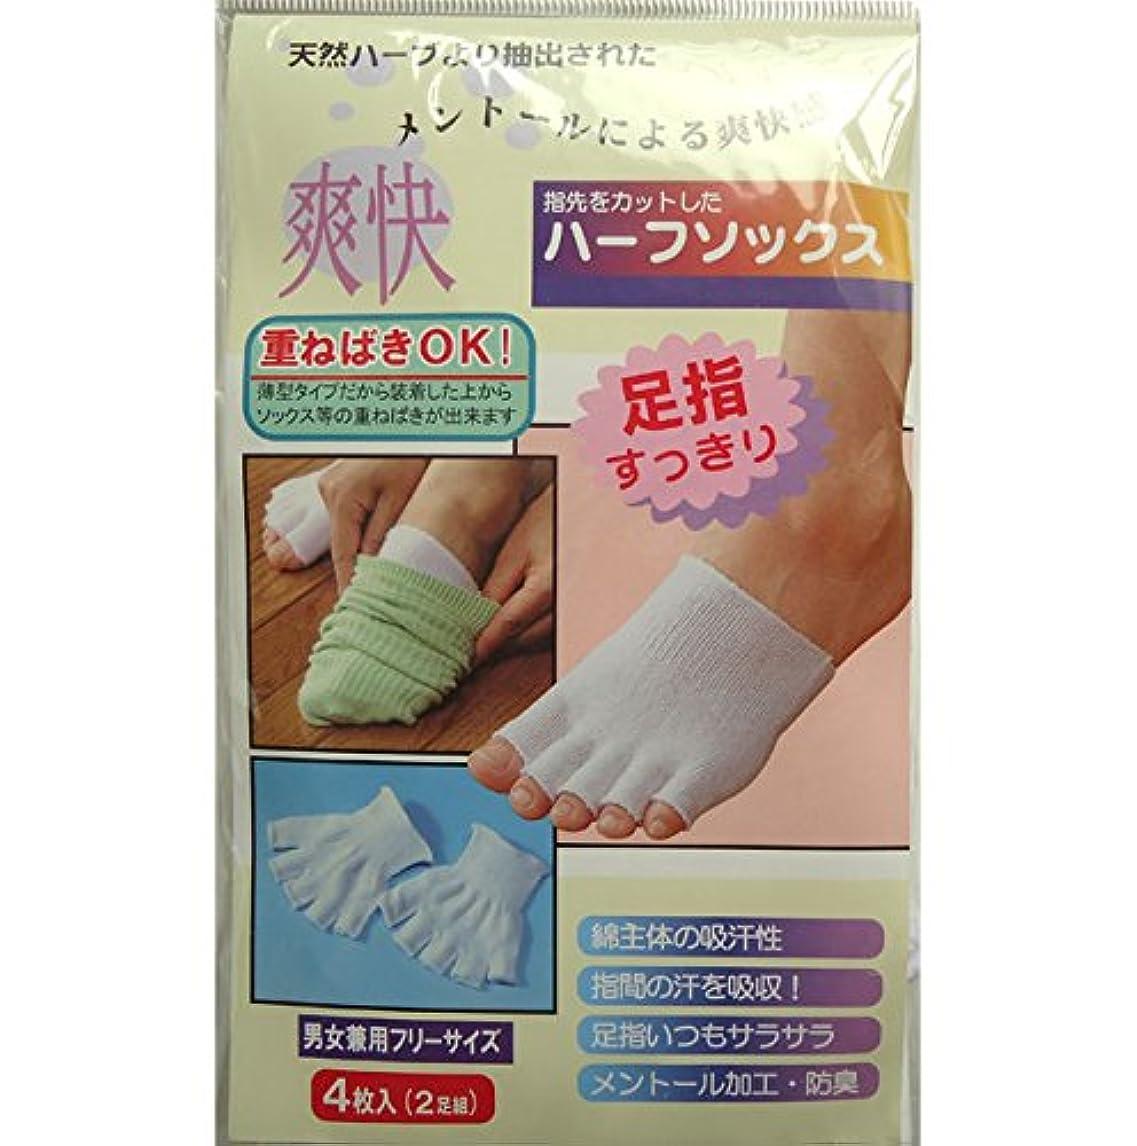 願う欲求不満最終的に日本製 ハーフソックス 5本指 綿 抗菌防臭 メンズ レディースお買得2足組(ホワイト)